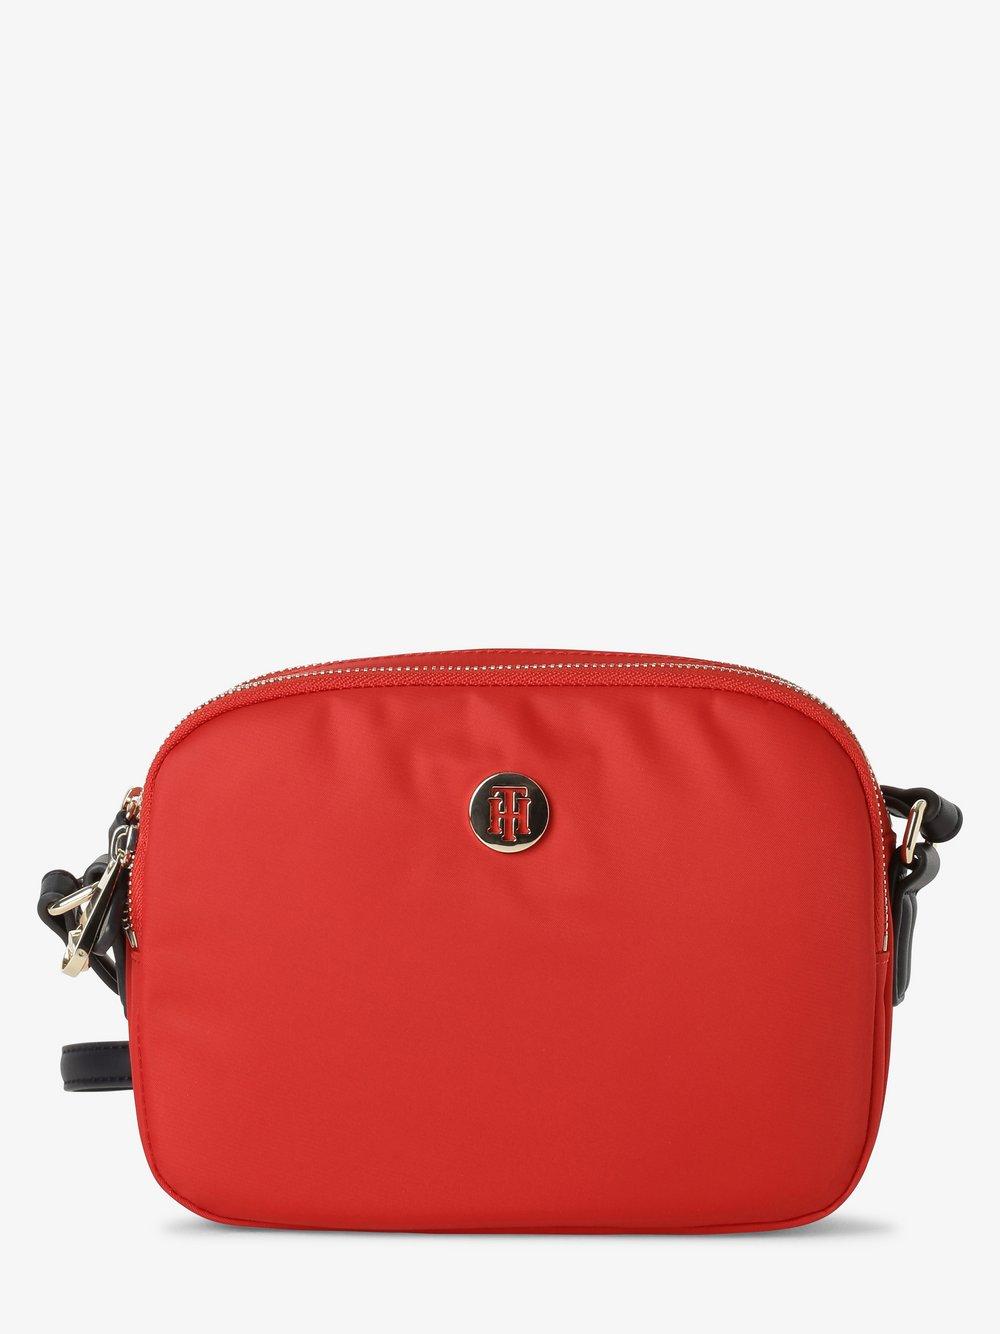 Tommy Hilfiger - Damska torebka na ramię, czerwony